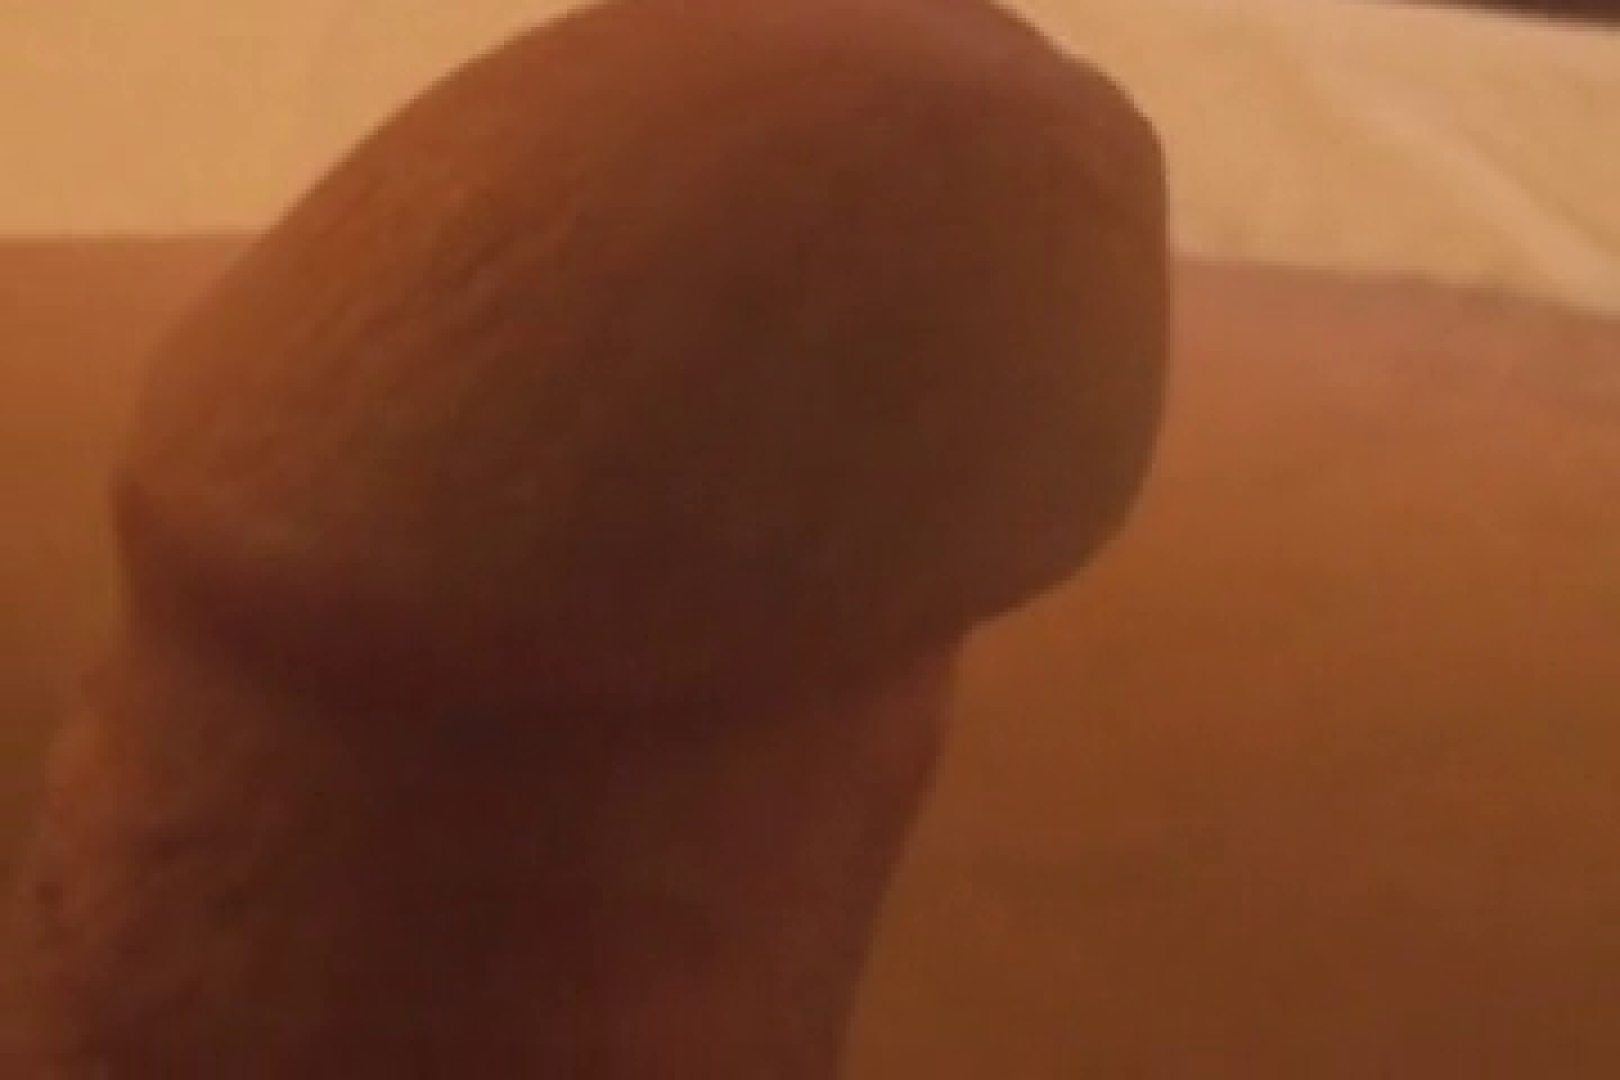 【個人買取】潜入!!もぎ撮り悪戯一本勝負!!vol.15 イケメンたち ゲイ精子画像 105枚 32